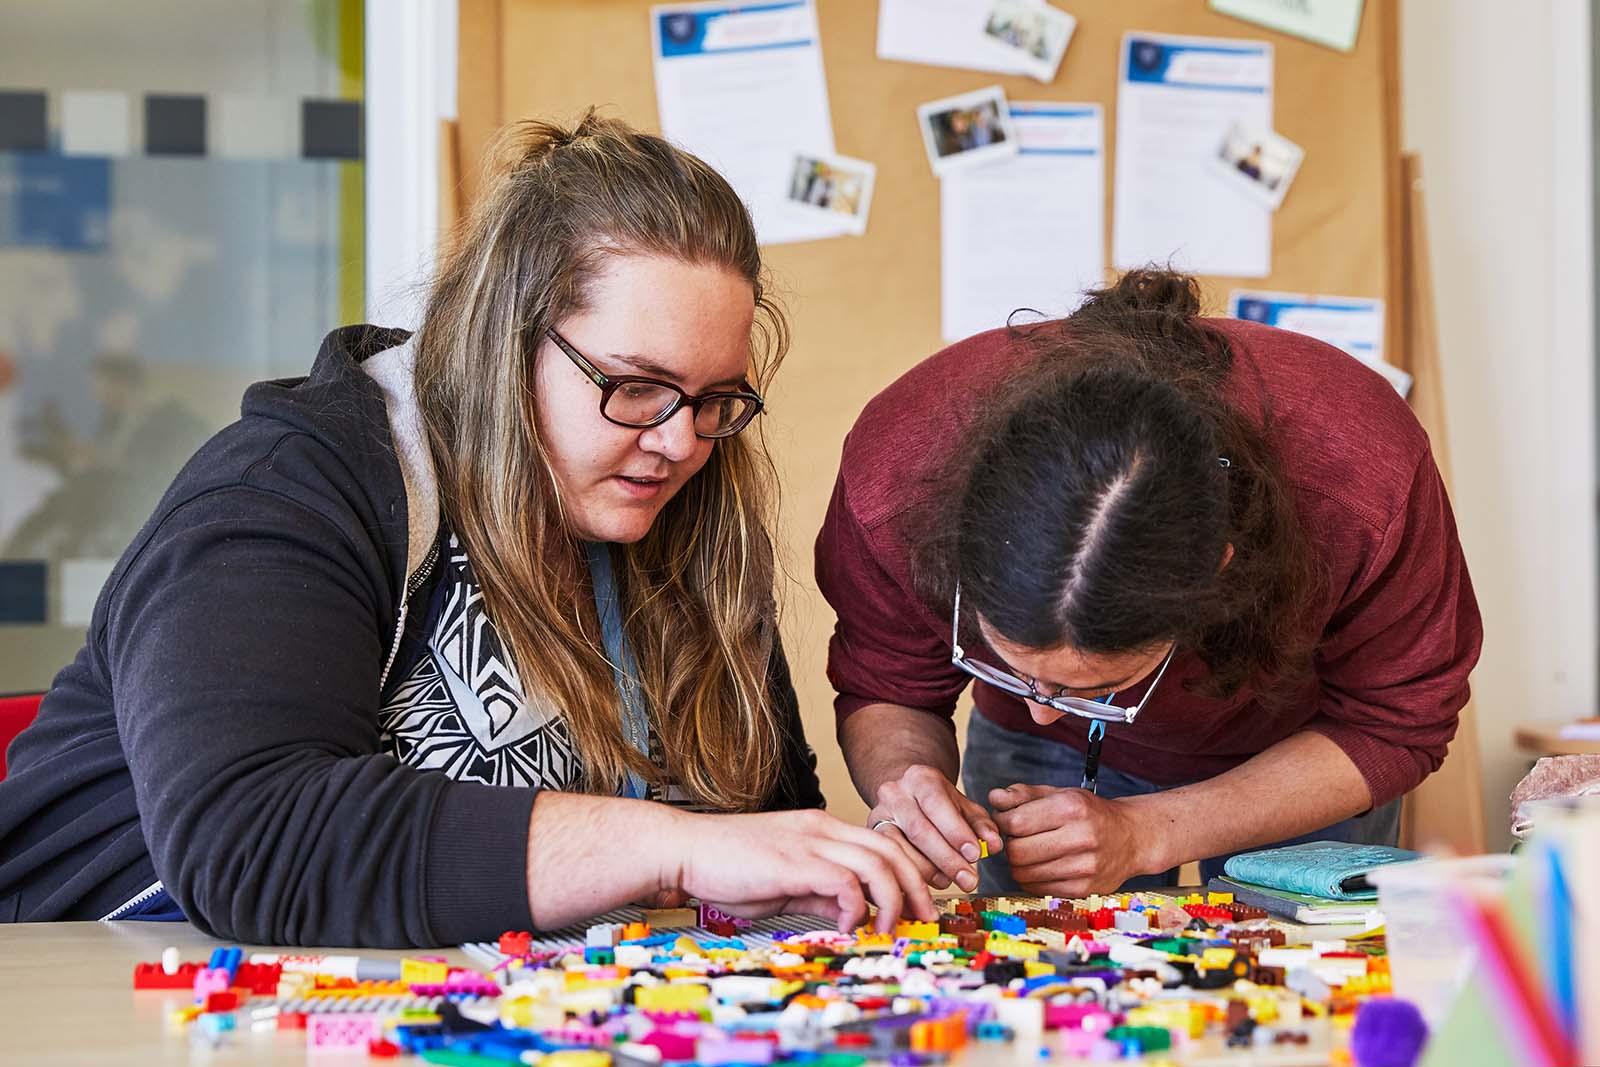 """Eine Frau und ein Mann bauen etwas aus bunten Legosteinen und unterhalten sich währenddessen. © Aktion Mensch e. V. / Servicestelle Jugendbeteiligung e. V./Anna Spindelndreier, 2019"""""""